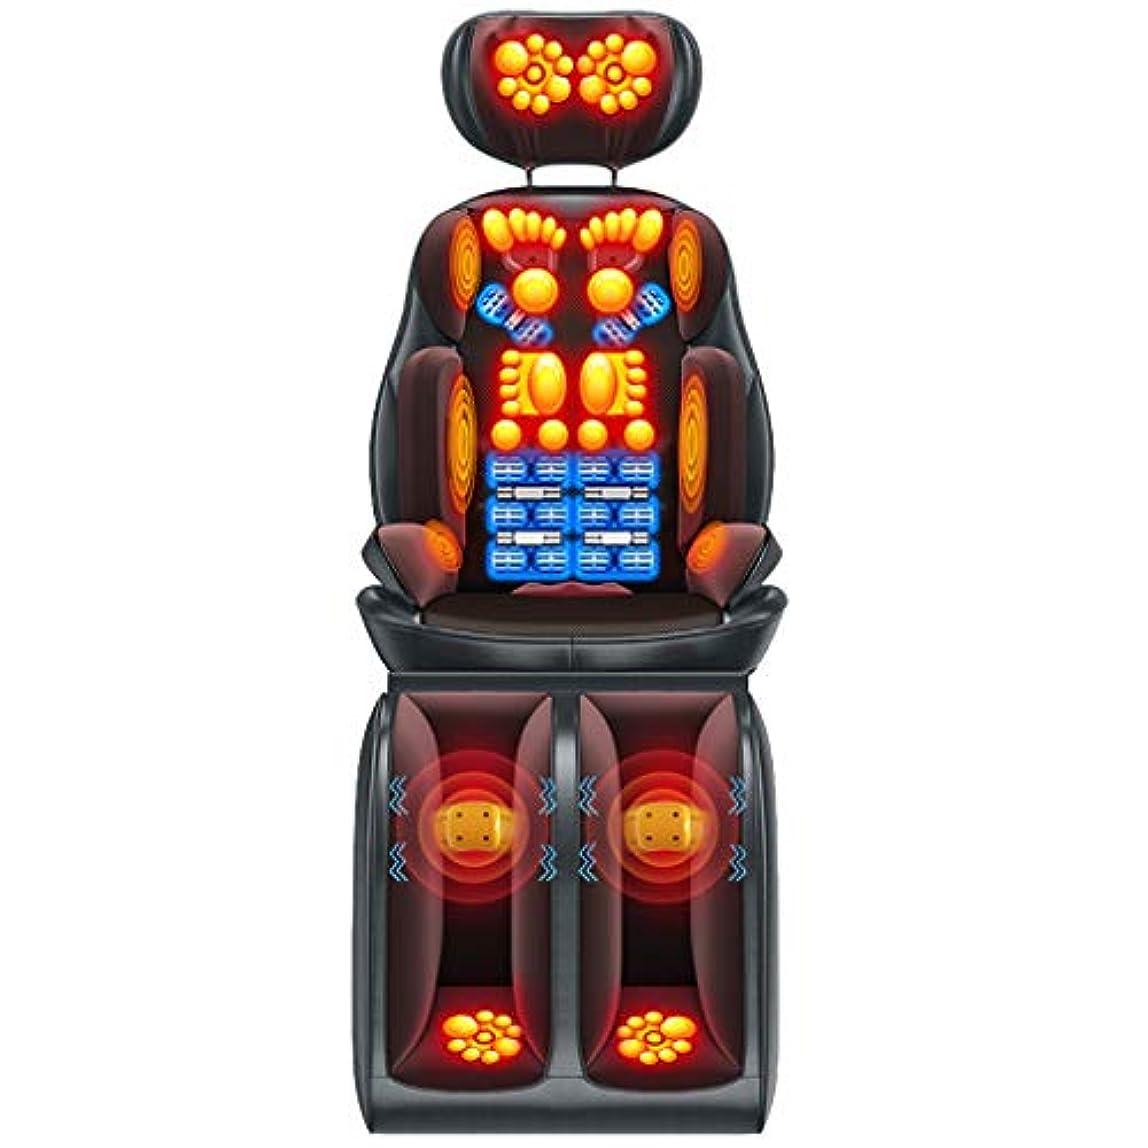 詐欺硬化する一生熱と振動機能を備えた背中のマッサージャーマッサージチェアシートクッションは、家、オフィス、車の使用のために背中の筋肉を完全にリラックスさせます